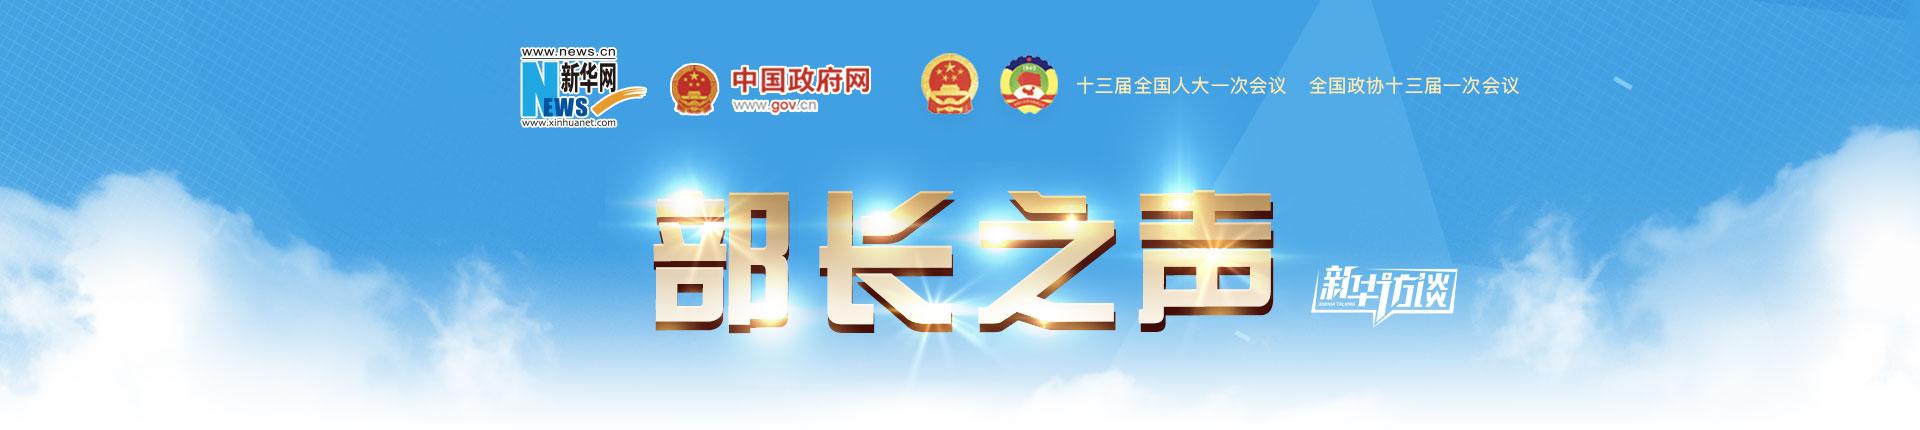 新华网与中国政府网联合推出《部长之声》两会特别访谈